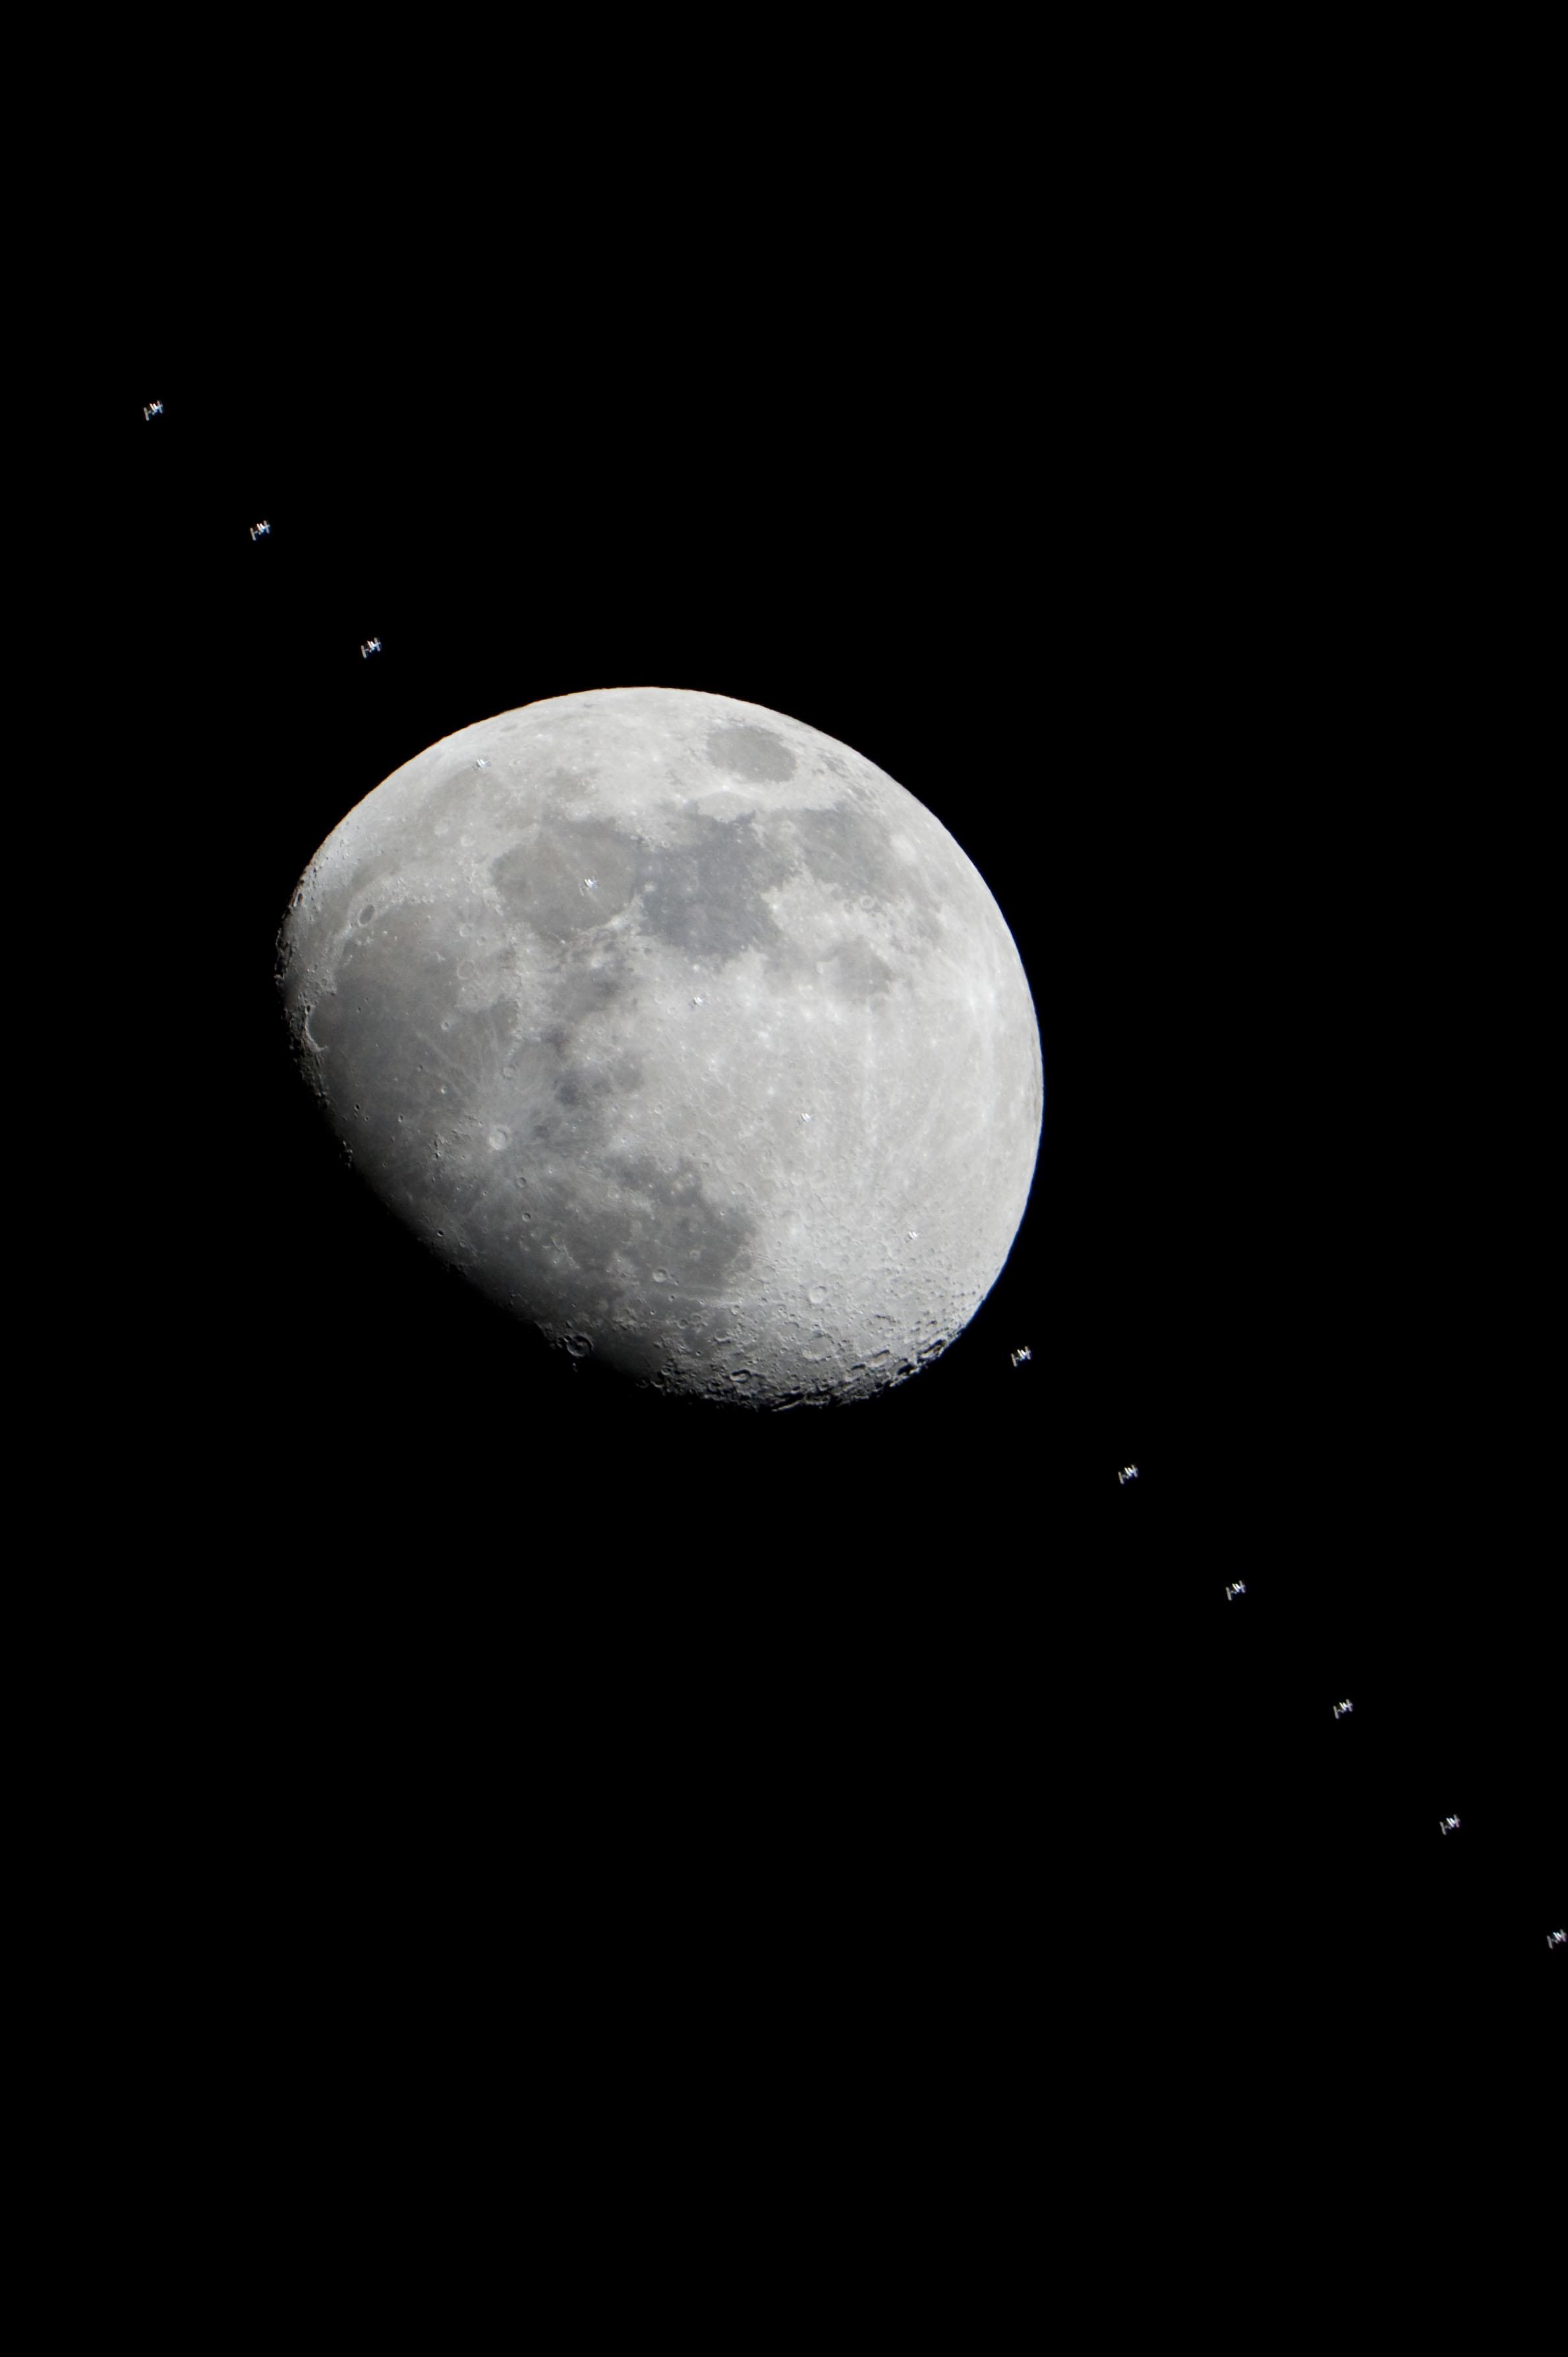 Ο Διαστημικός Σταθμός κοντά στο Φεγγάρι και τον Δία